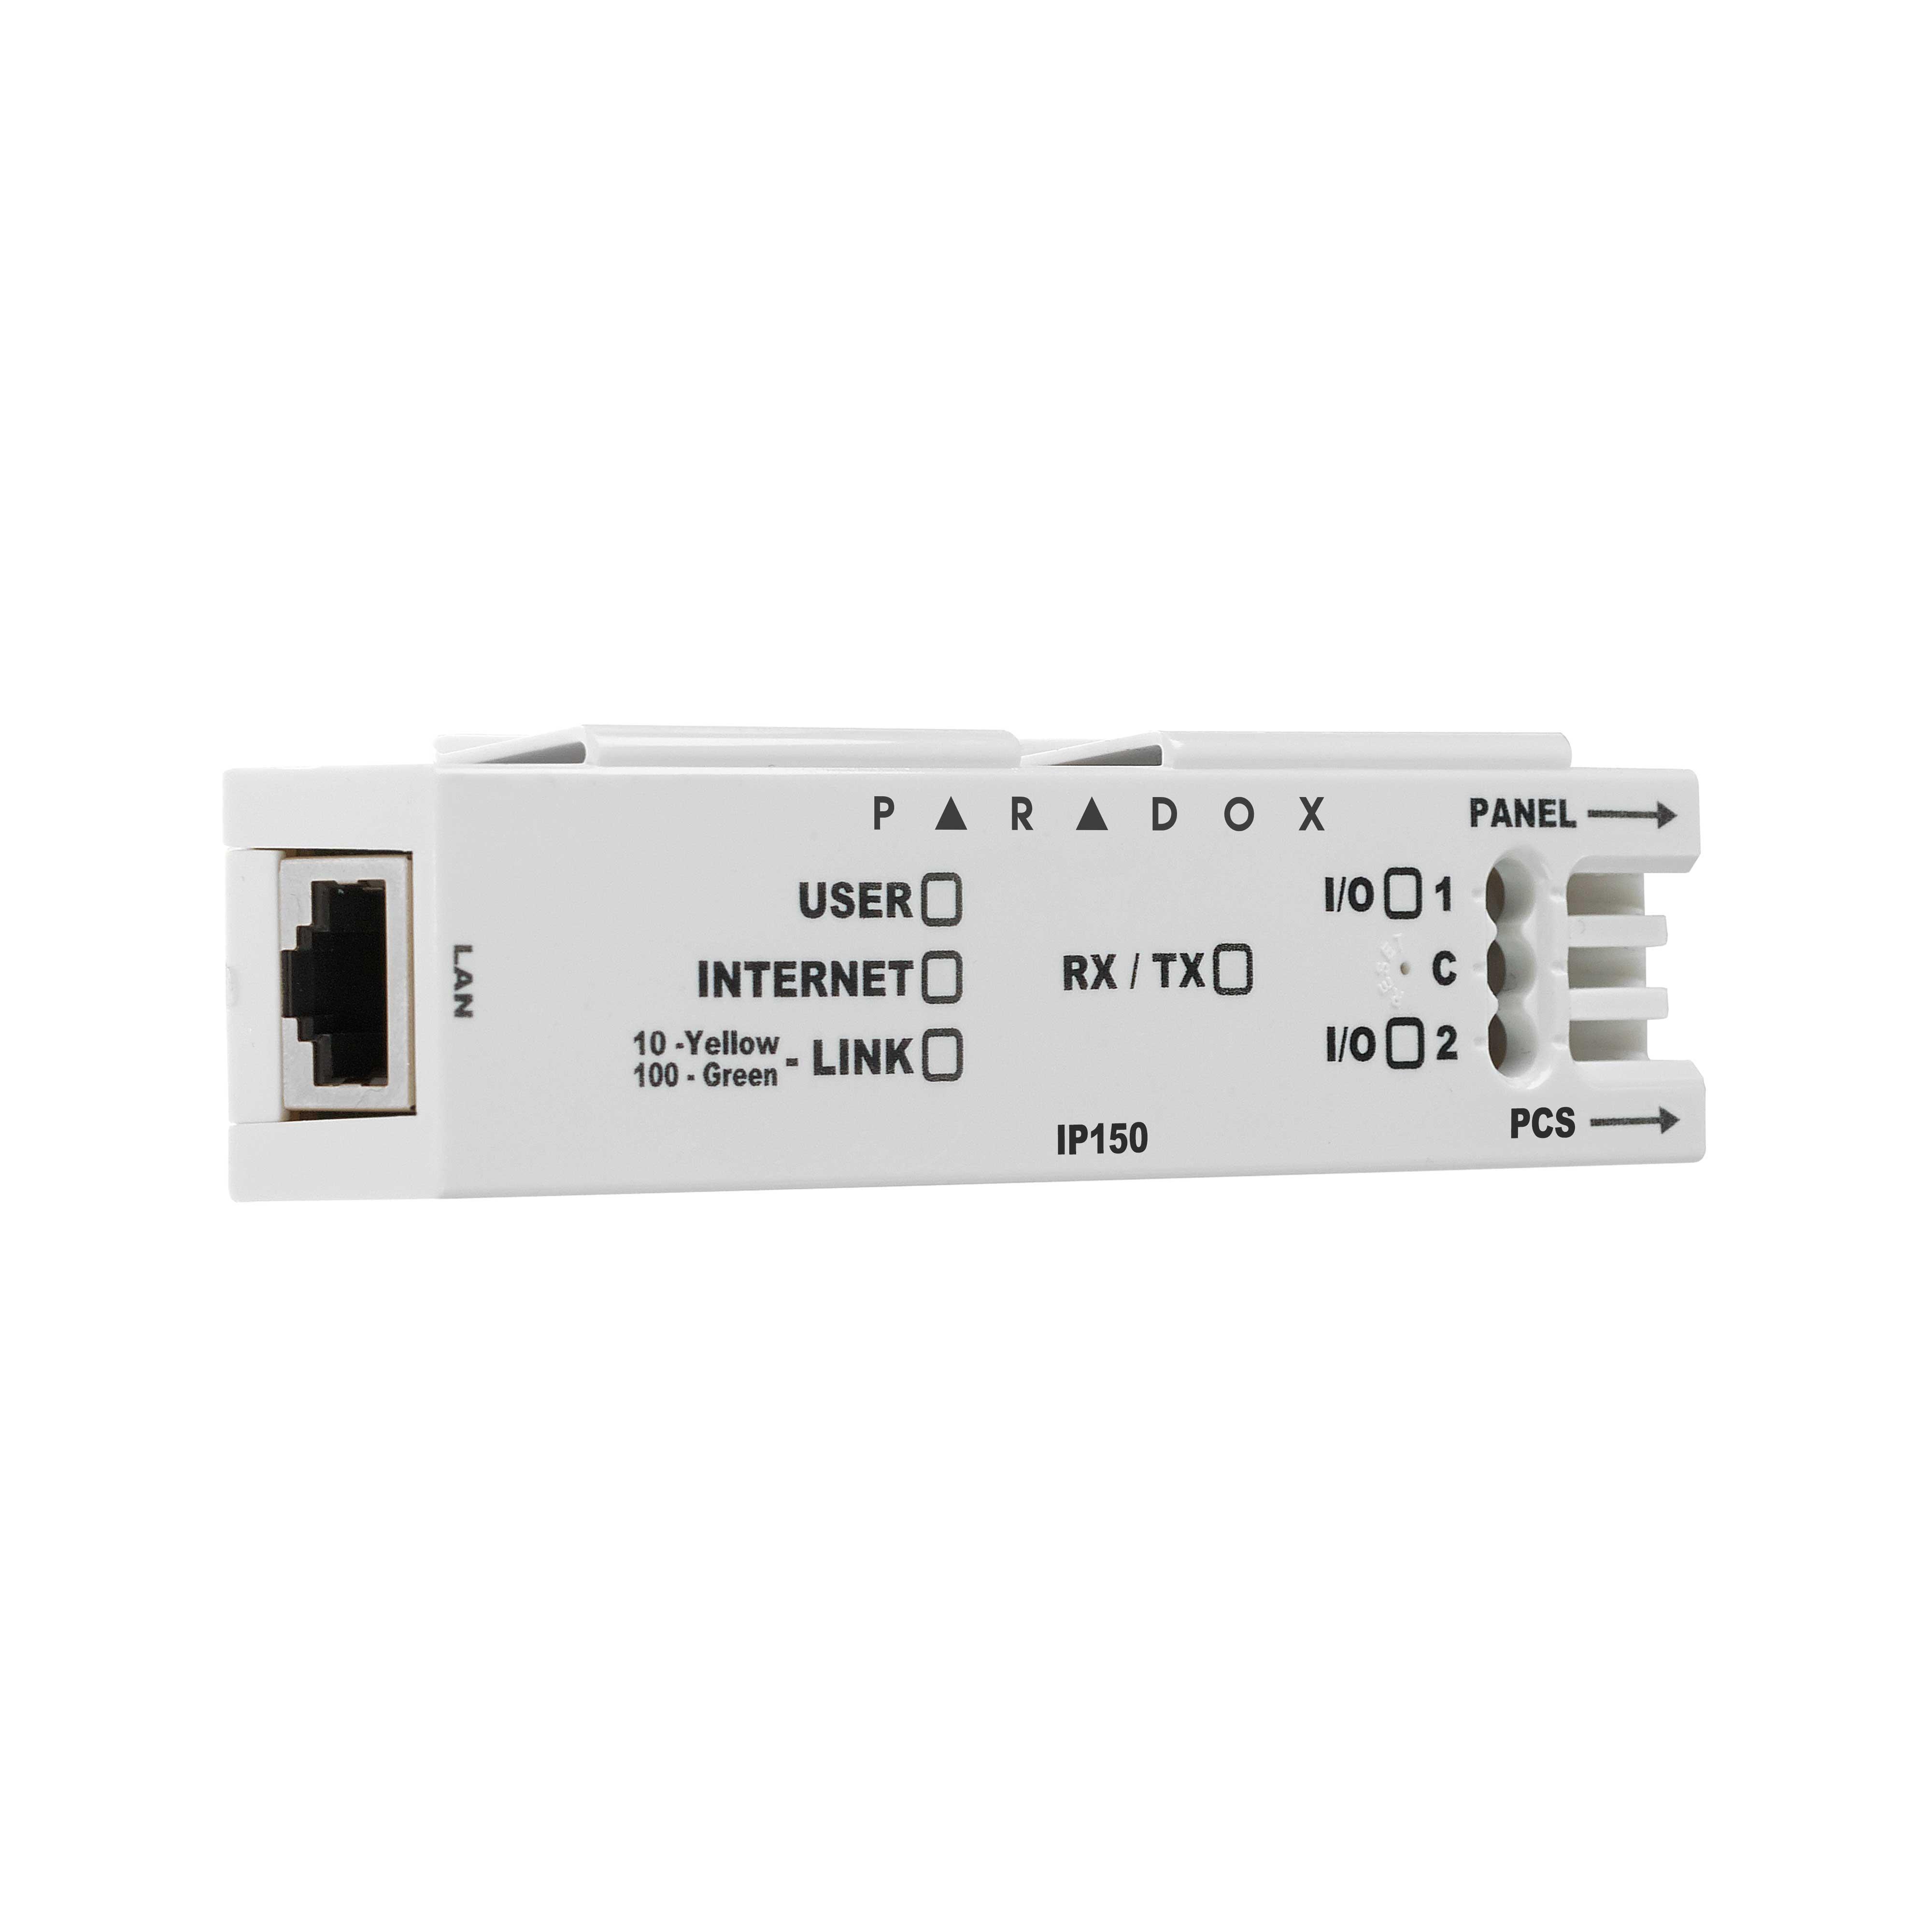 PARADOX IP150